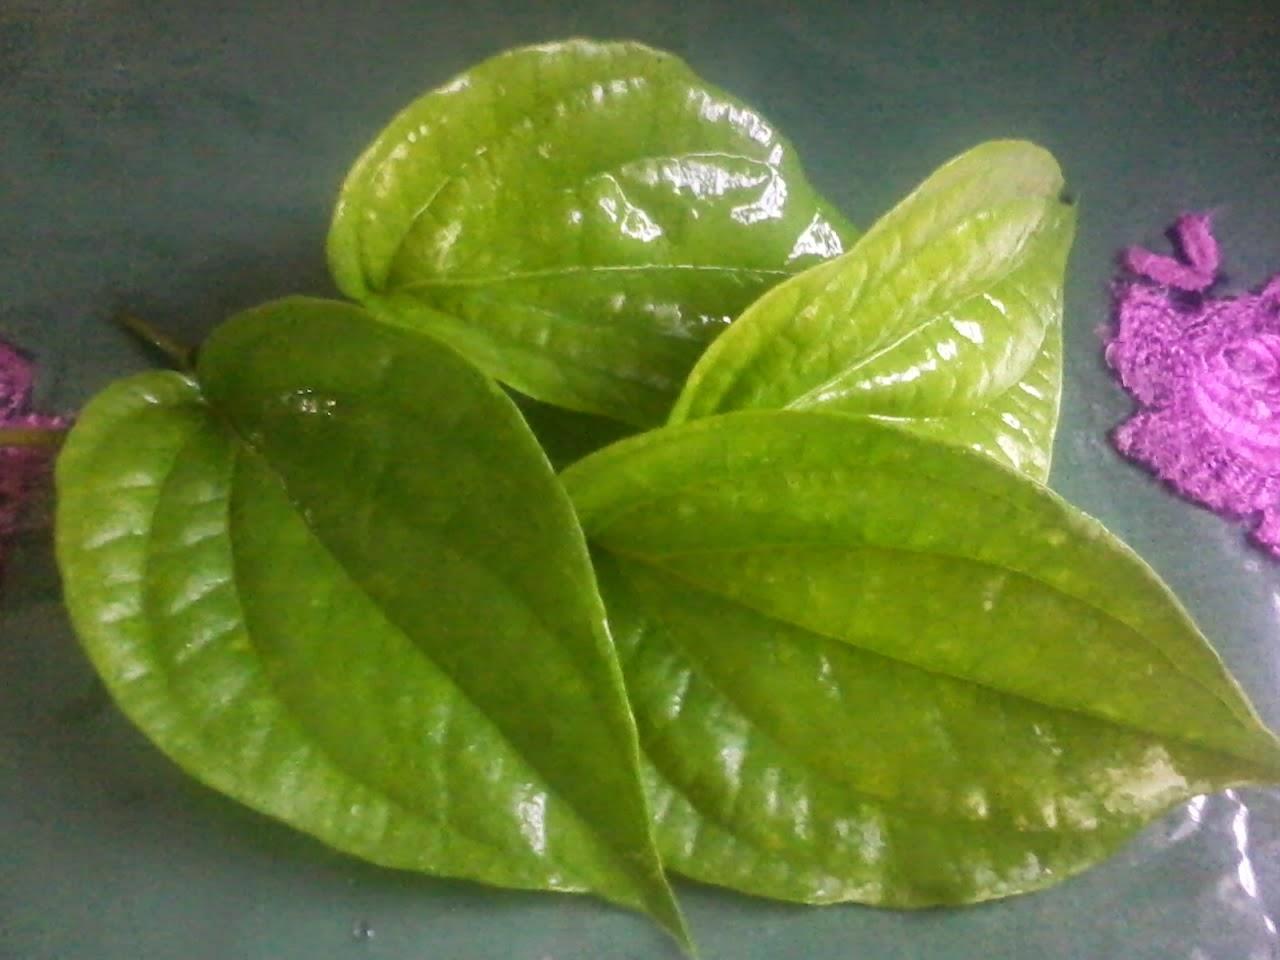 Manfaat dan khasiat daun sirih untuk obat tradisional